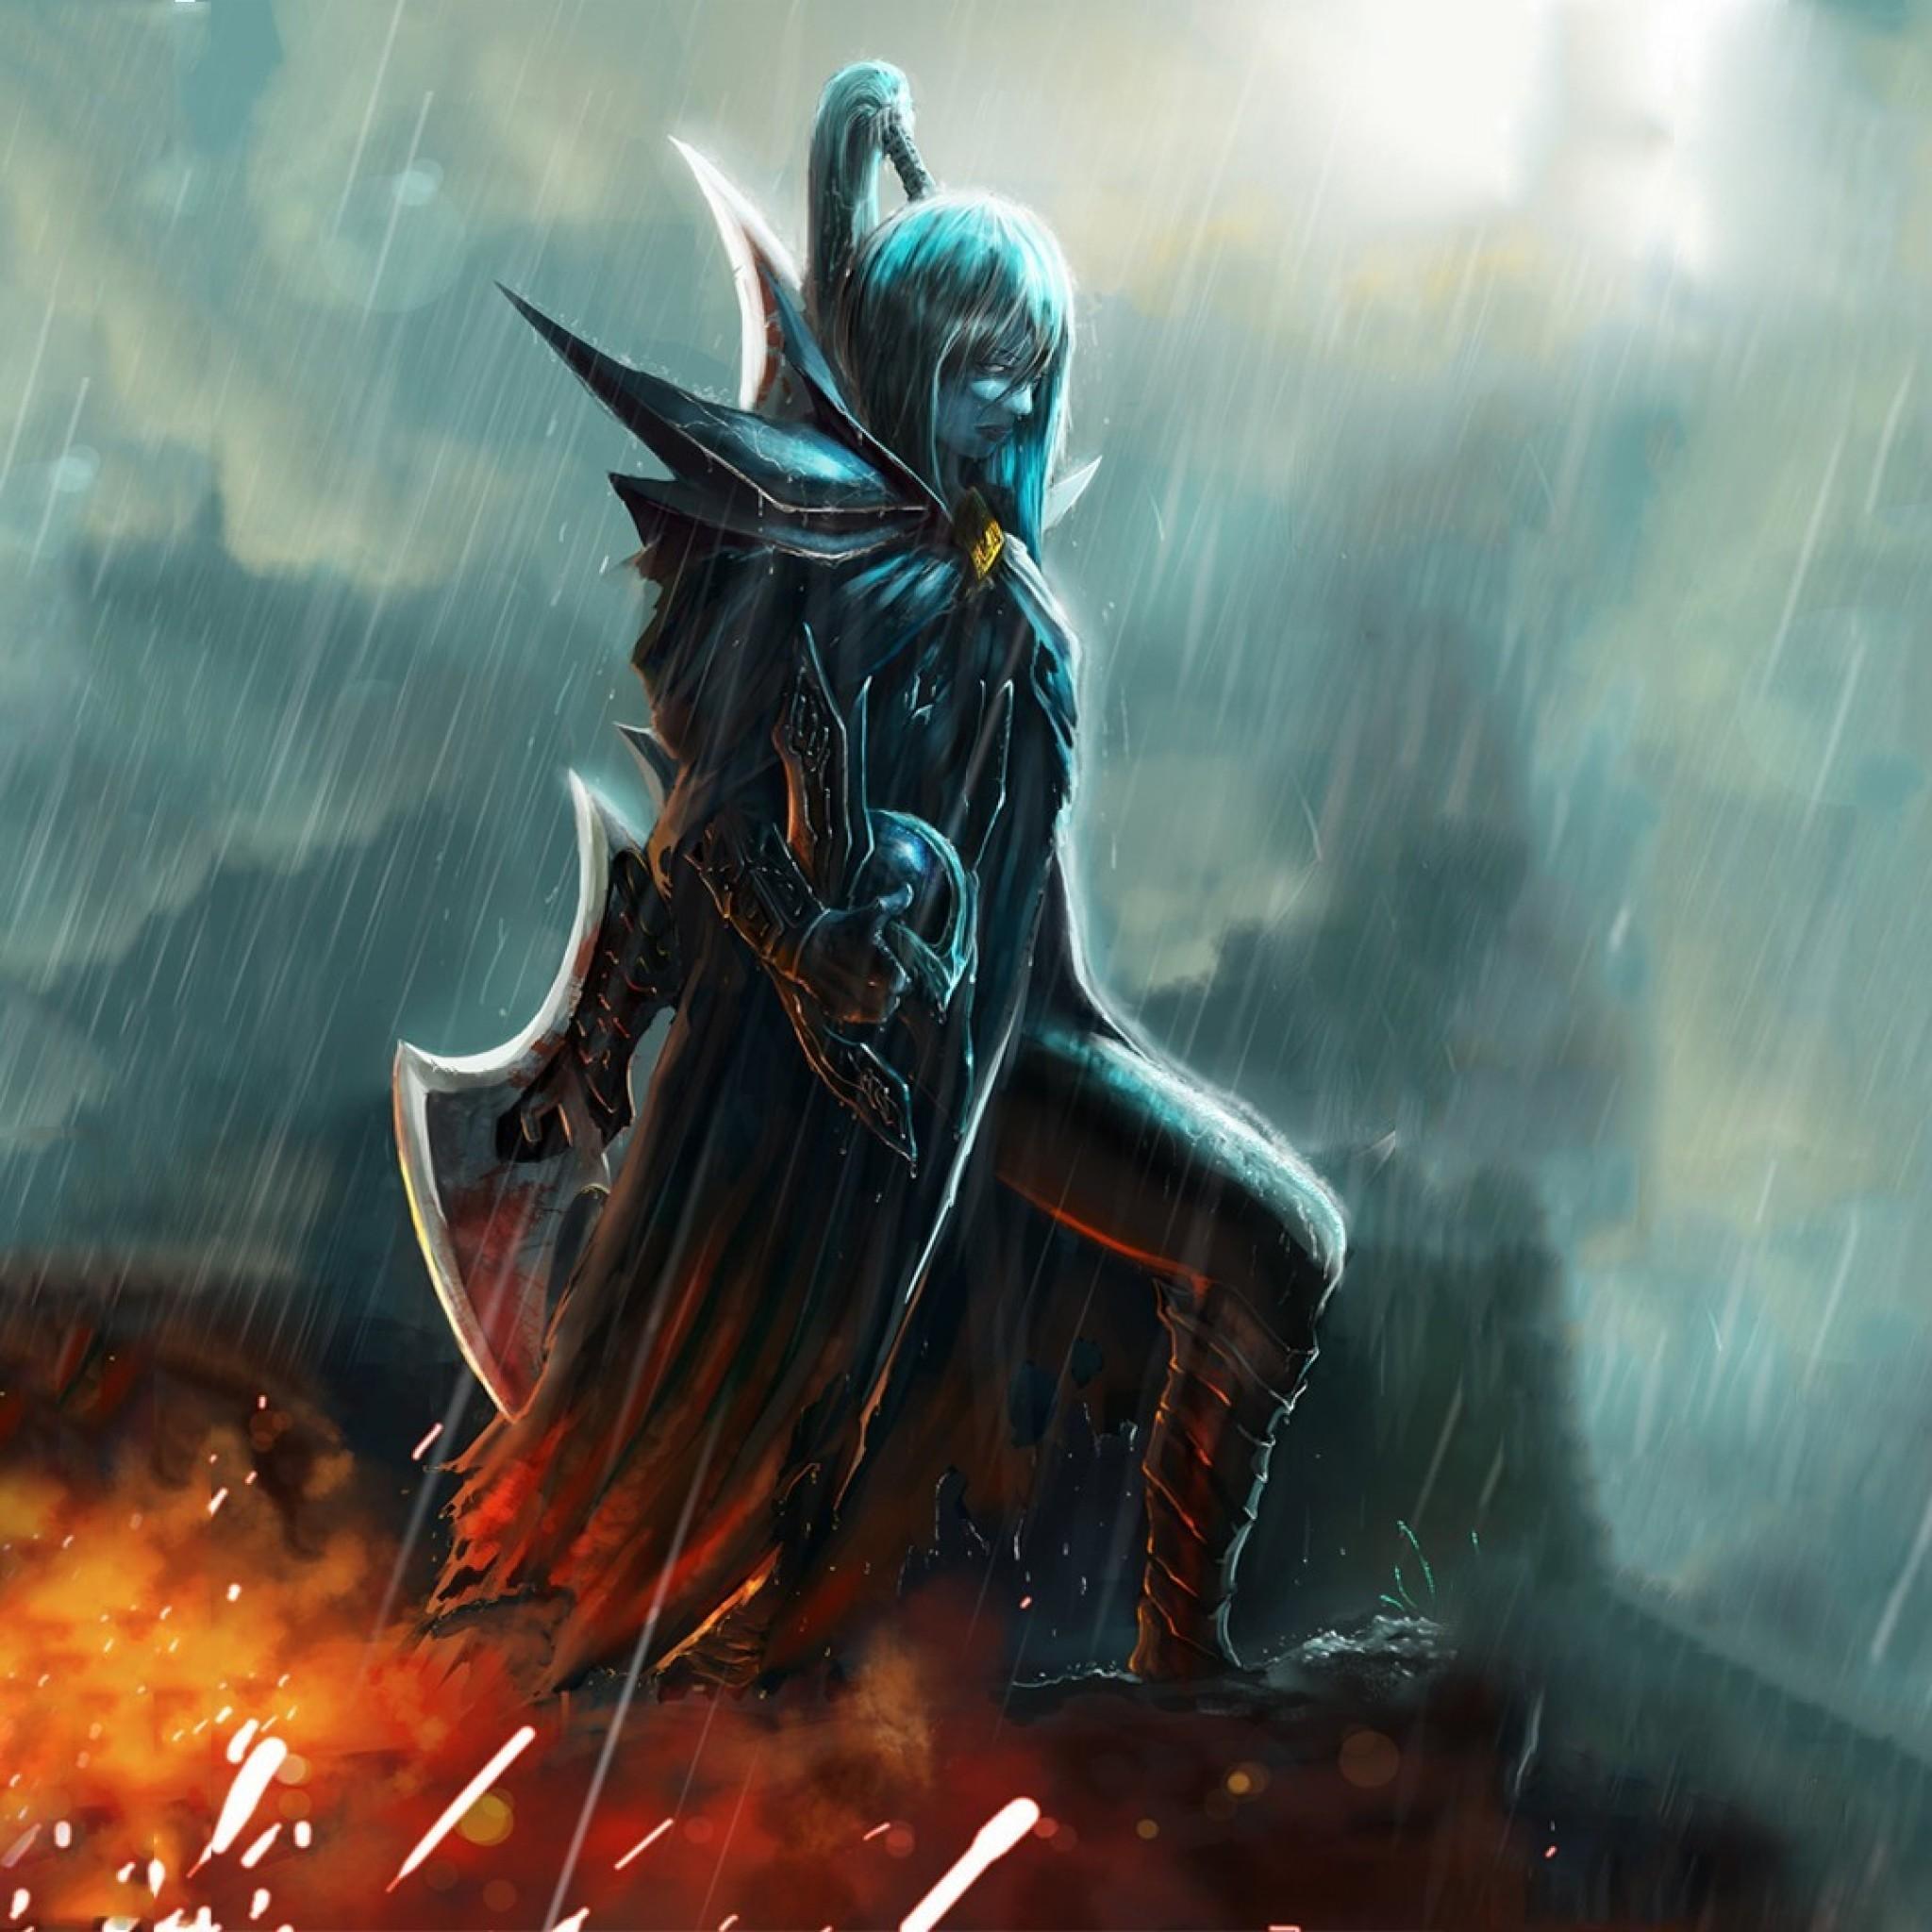 Preview wallpaper phantom assassin, dota 2, art, female, game 2048×2048